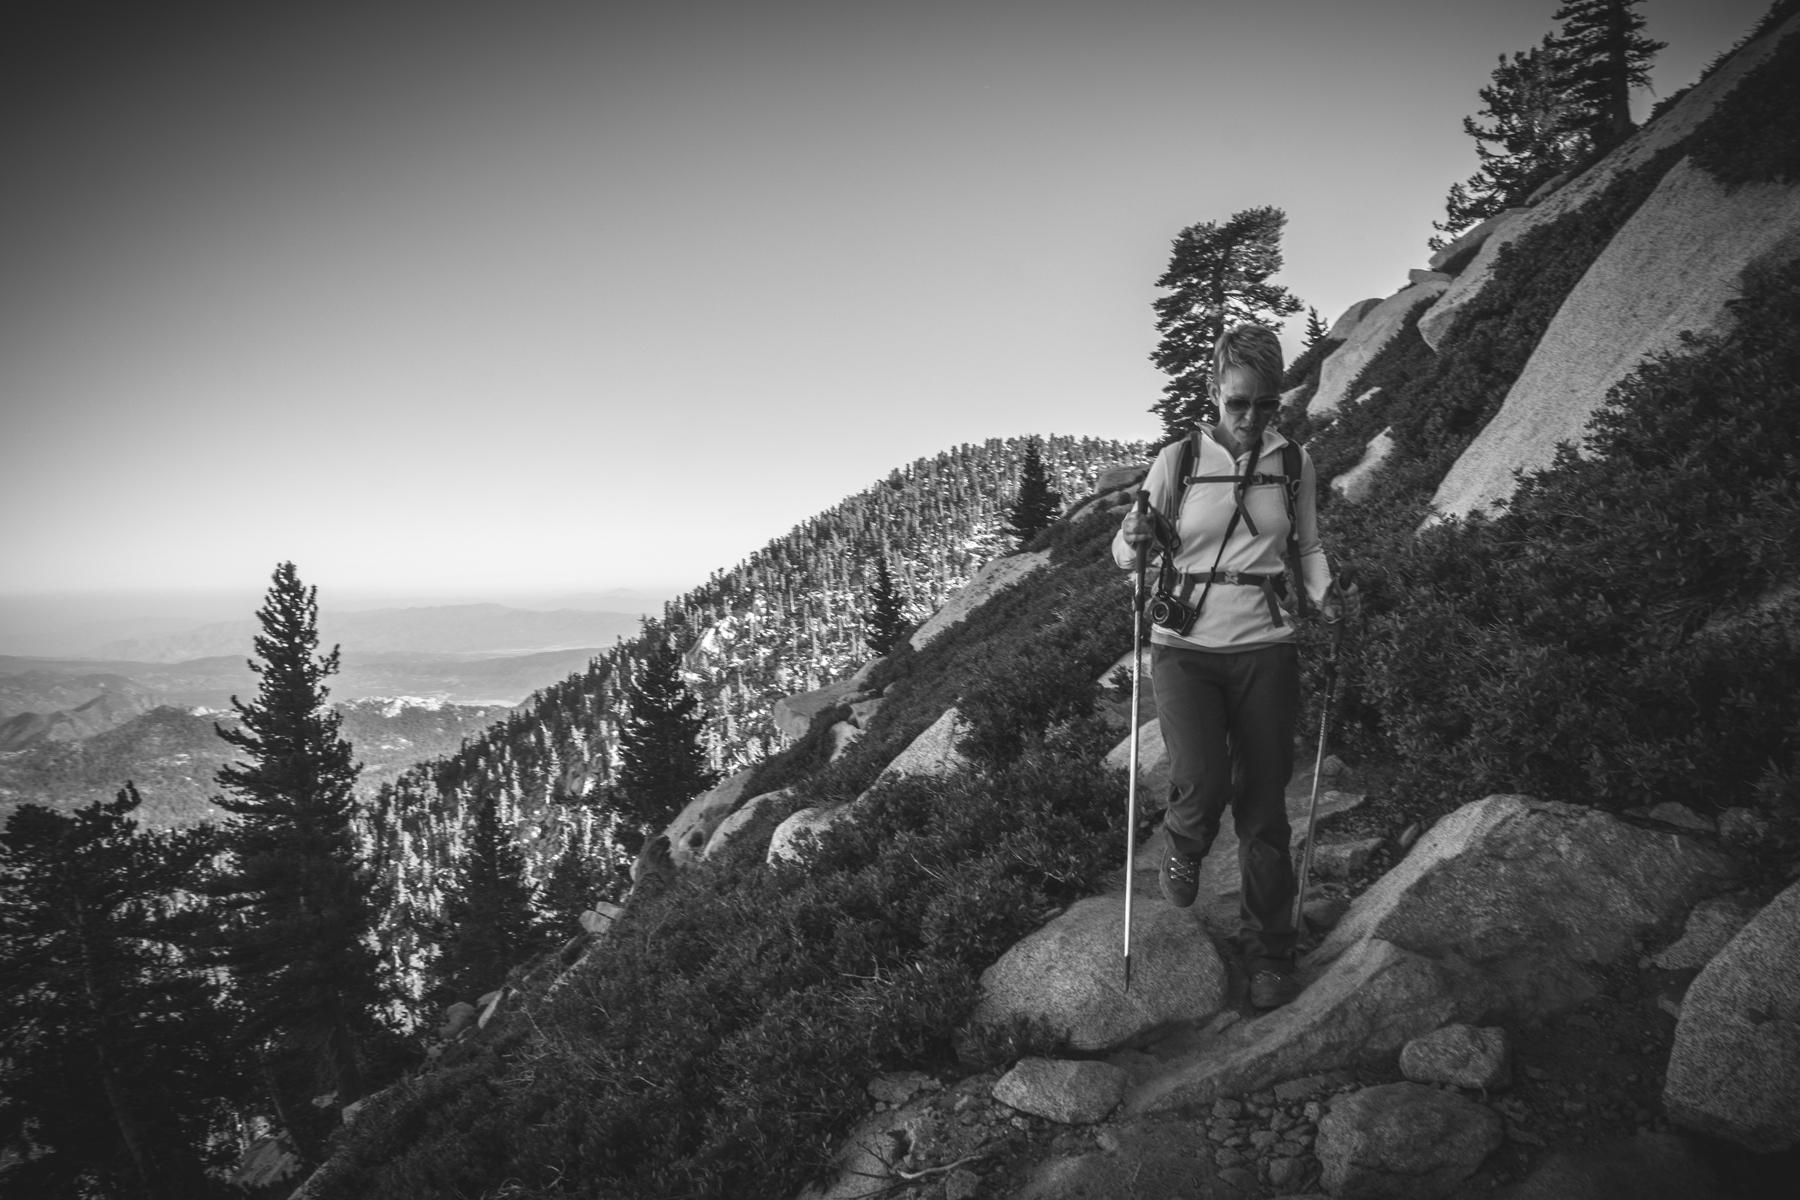 2017-07-02 San Jacinto Peak B (19 of 30).jpg